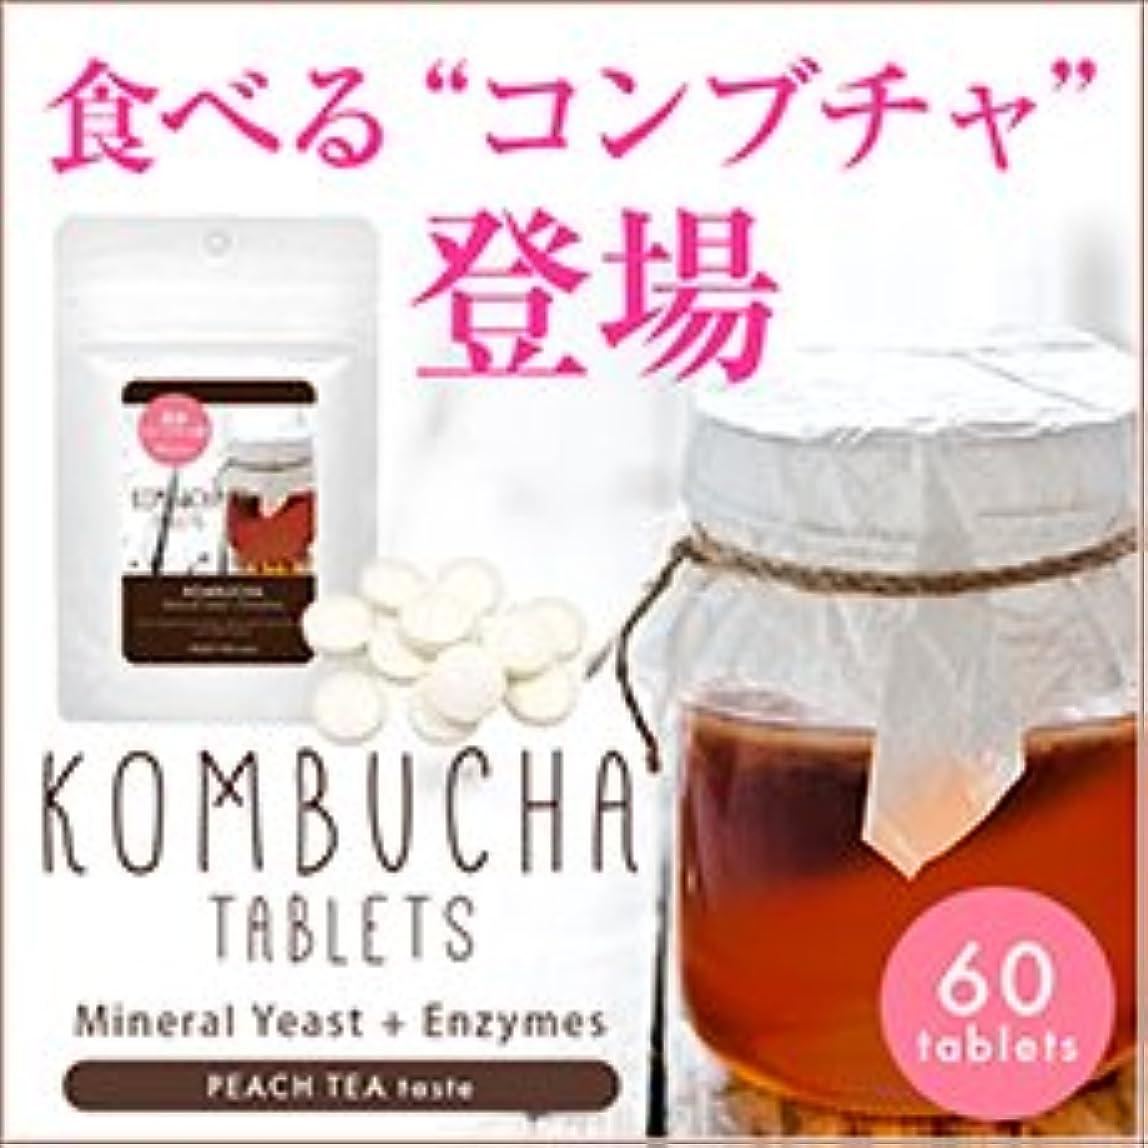 エージェント検索エンジンマーケティング外科医濃縮KOMBUCHA粒 (5)